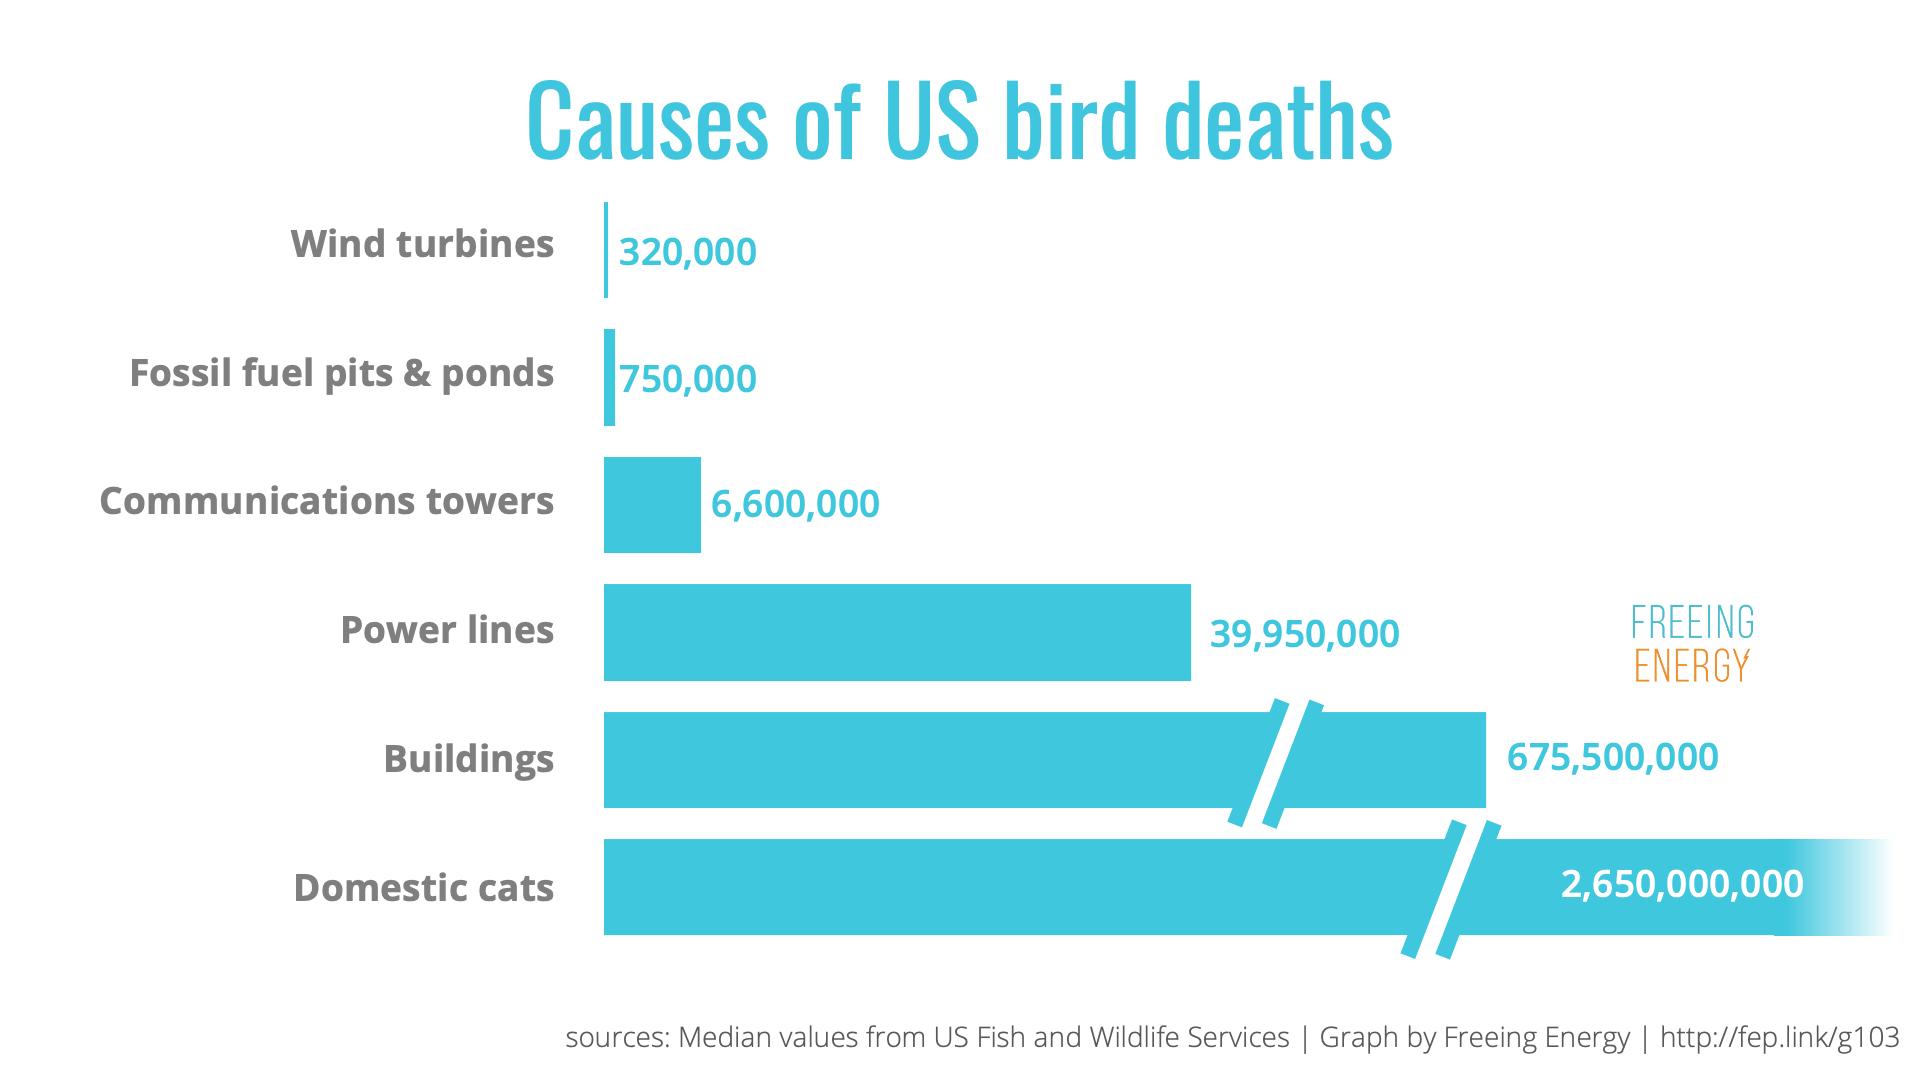 Cause of US Bird Deaths